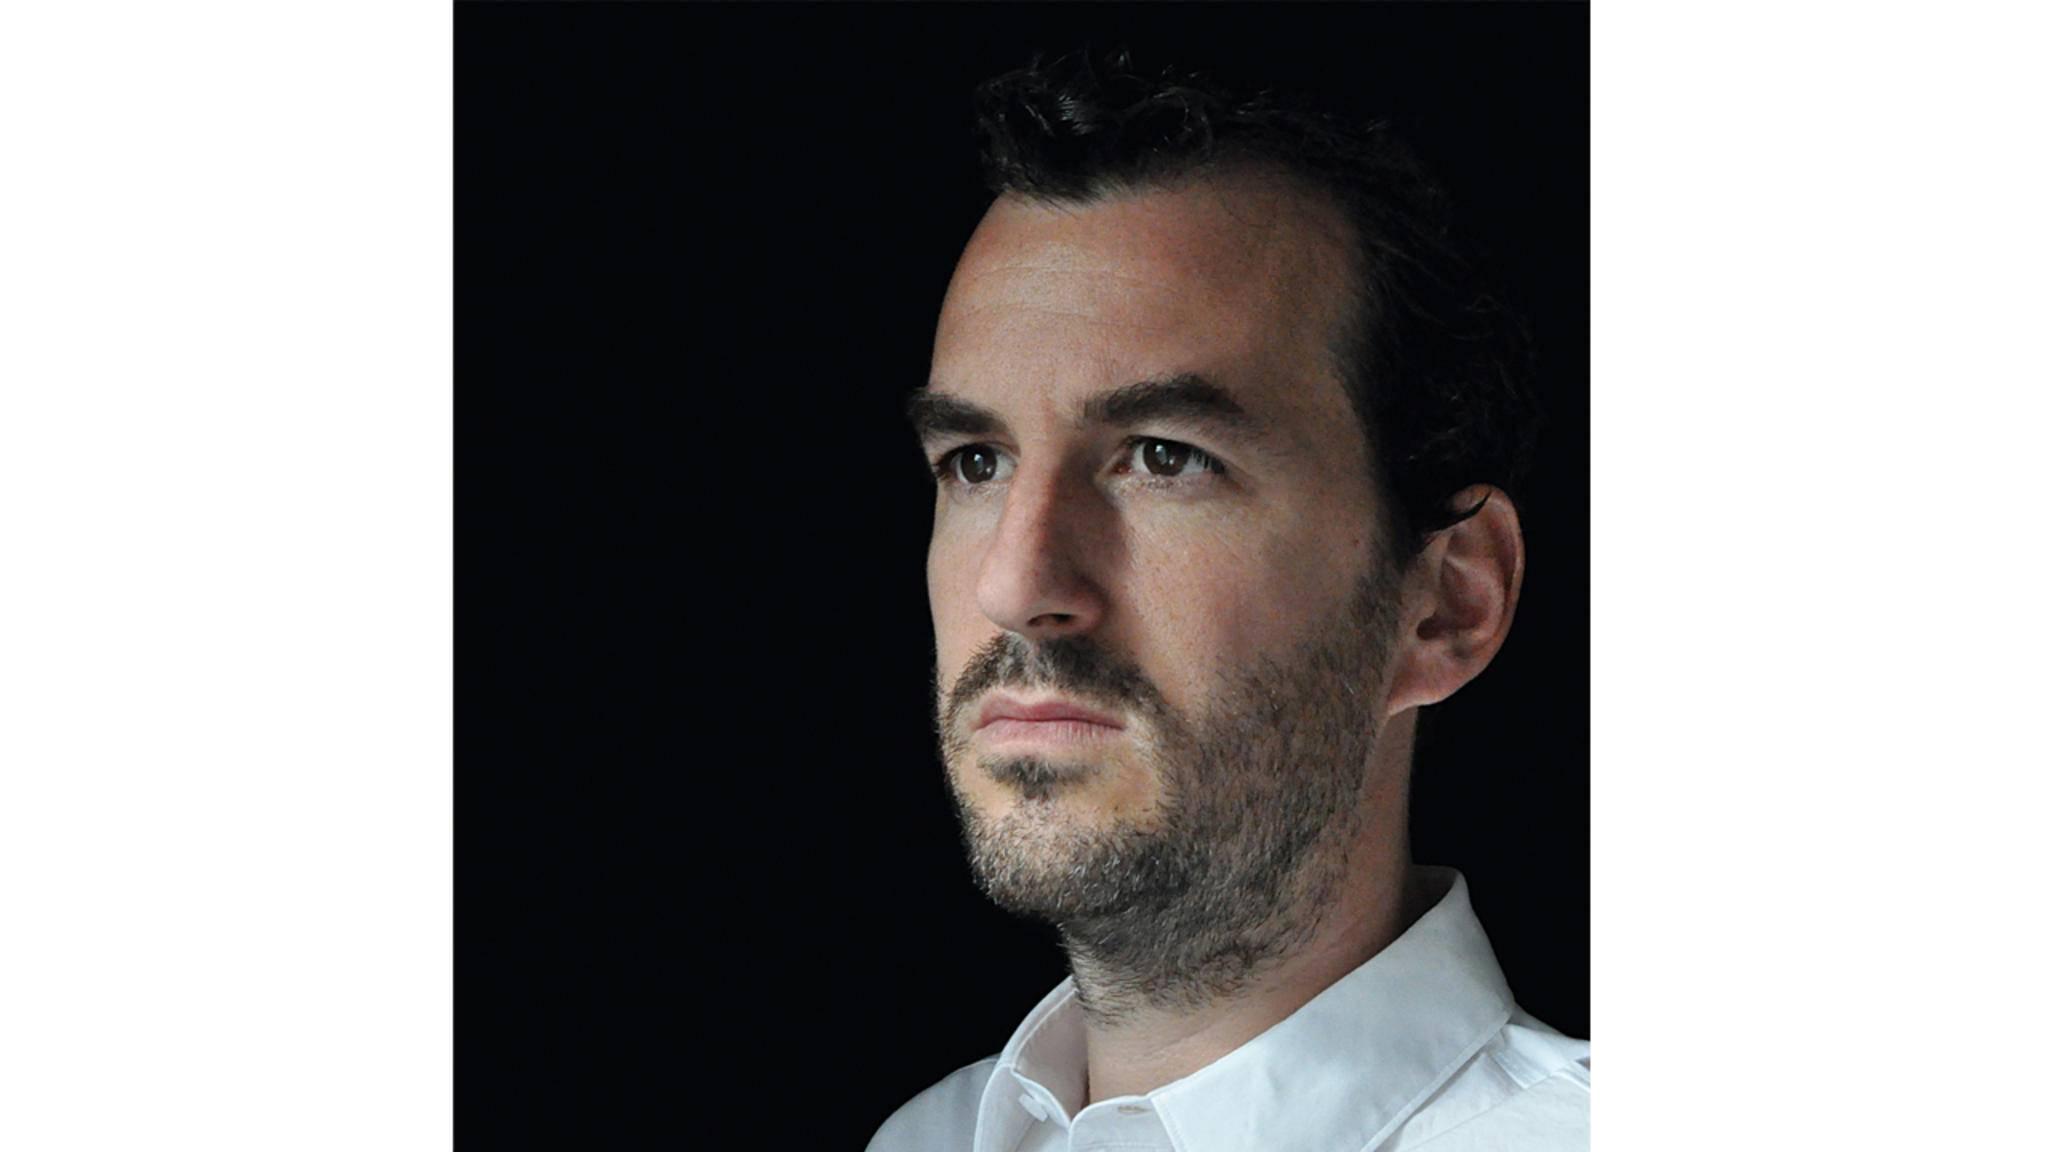 Interdisziplinär: Der Architekt Achim Menges forscht an der Schnittstelle von Kunst, Architektur, Ingenieurswissenschaften und Biomimetik.